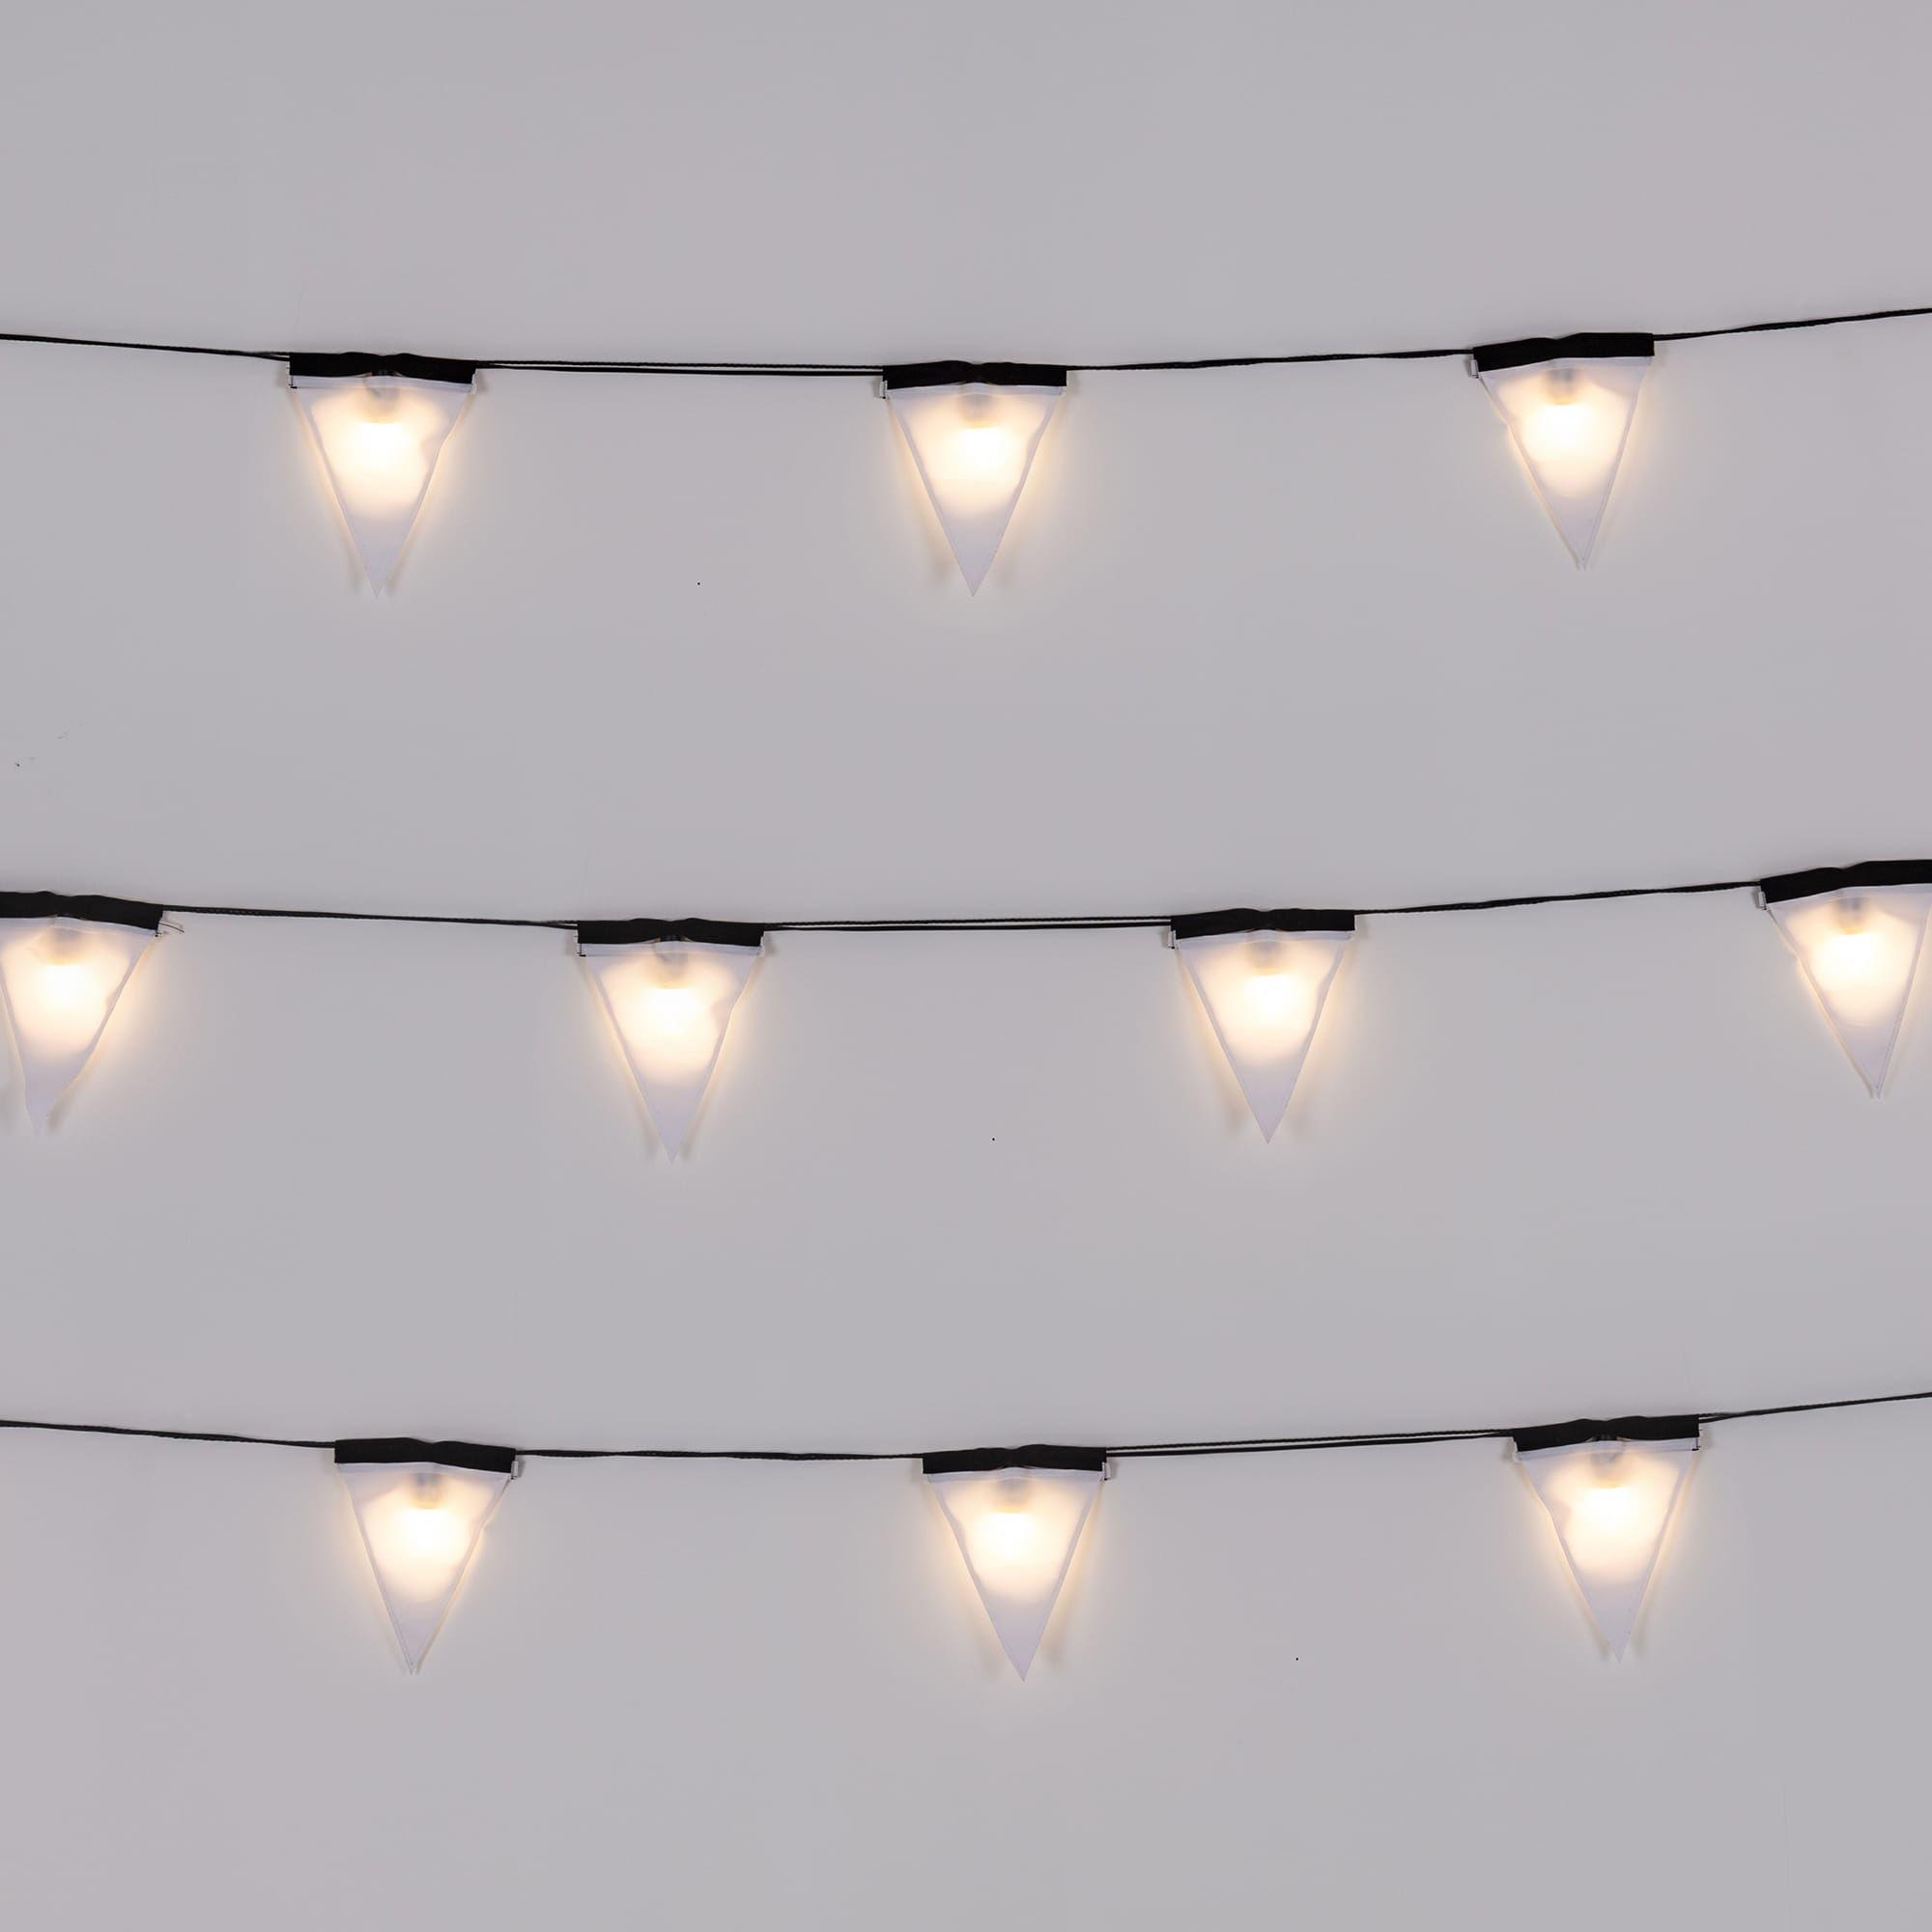 Guirlande lumineuse sagra led 16 fanions tissu - Guirlande lumineuse interieur led ...